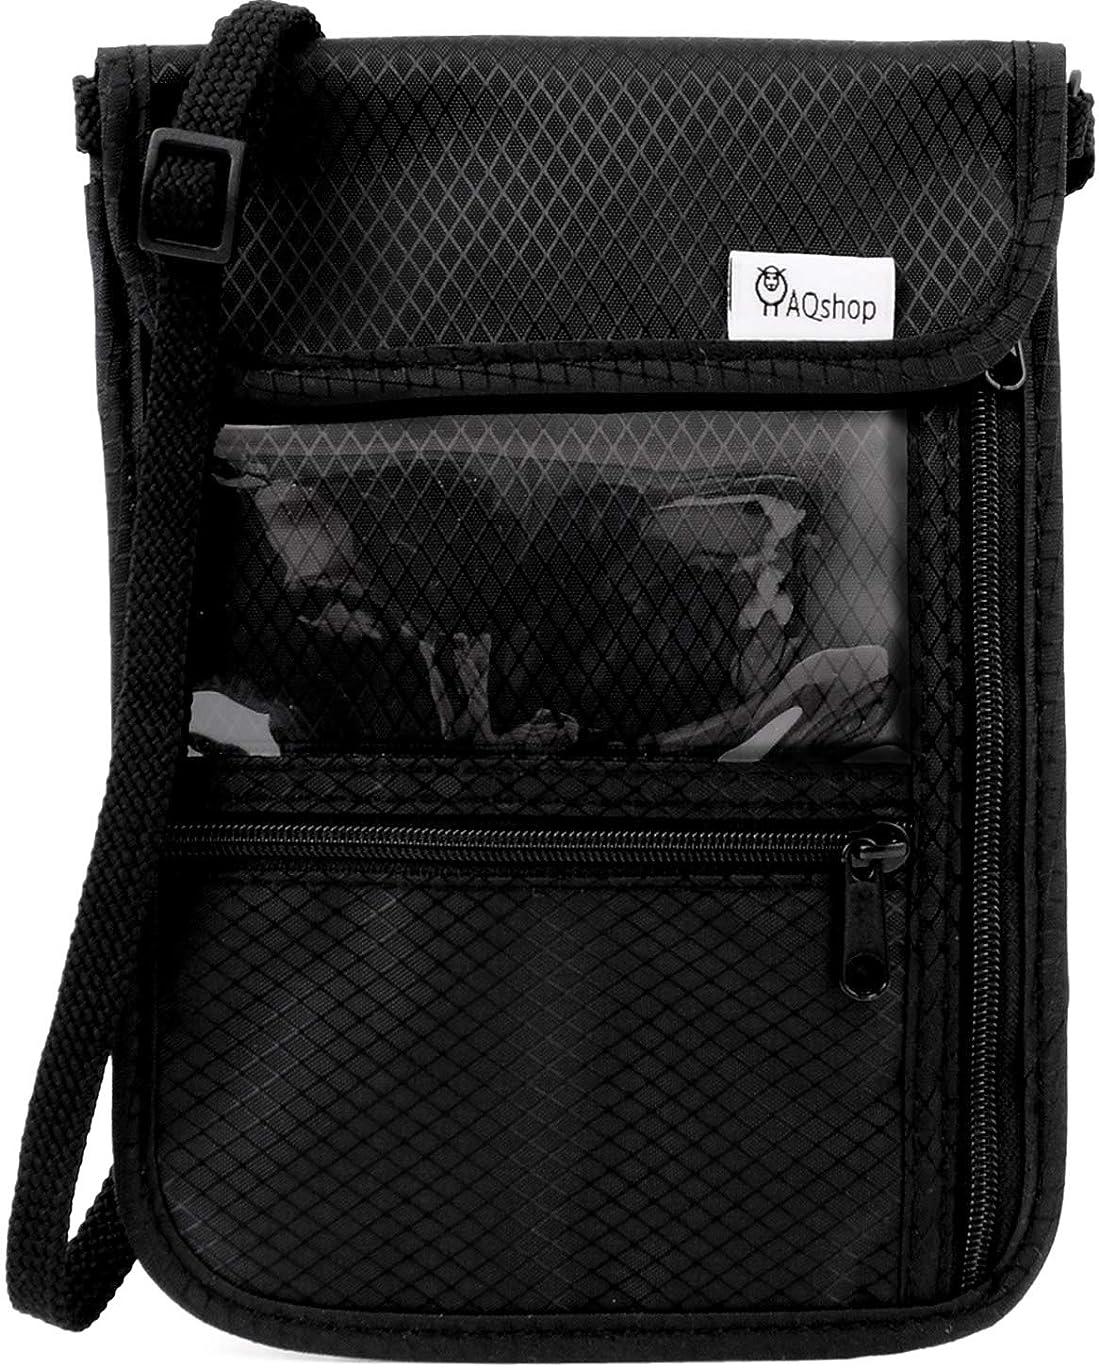 の配列トーン検体Gonex パスポートケース 17ポケット 航空券対応 撥水ナイロン 軽量 RFIDブロッキング機能 持ち手付き 多機能収納ポケット 男女兼用 海外旅行/散歩 黒